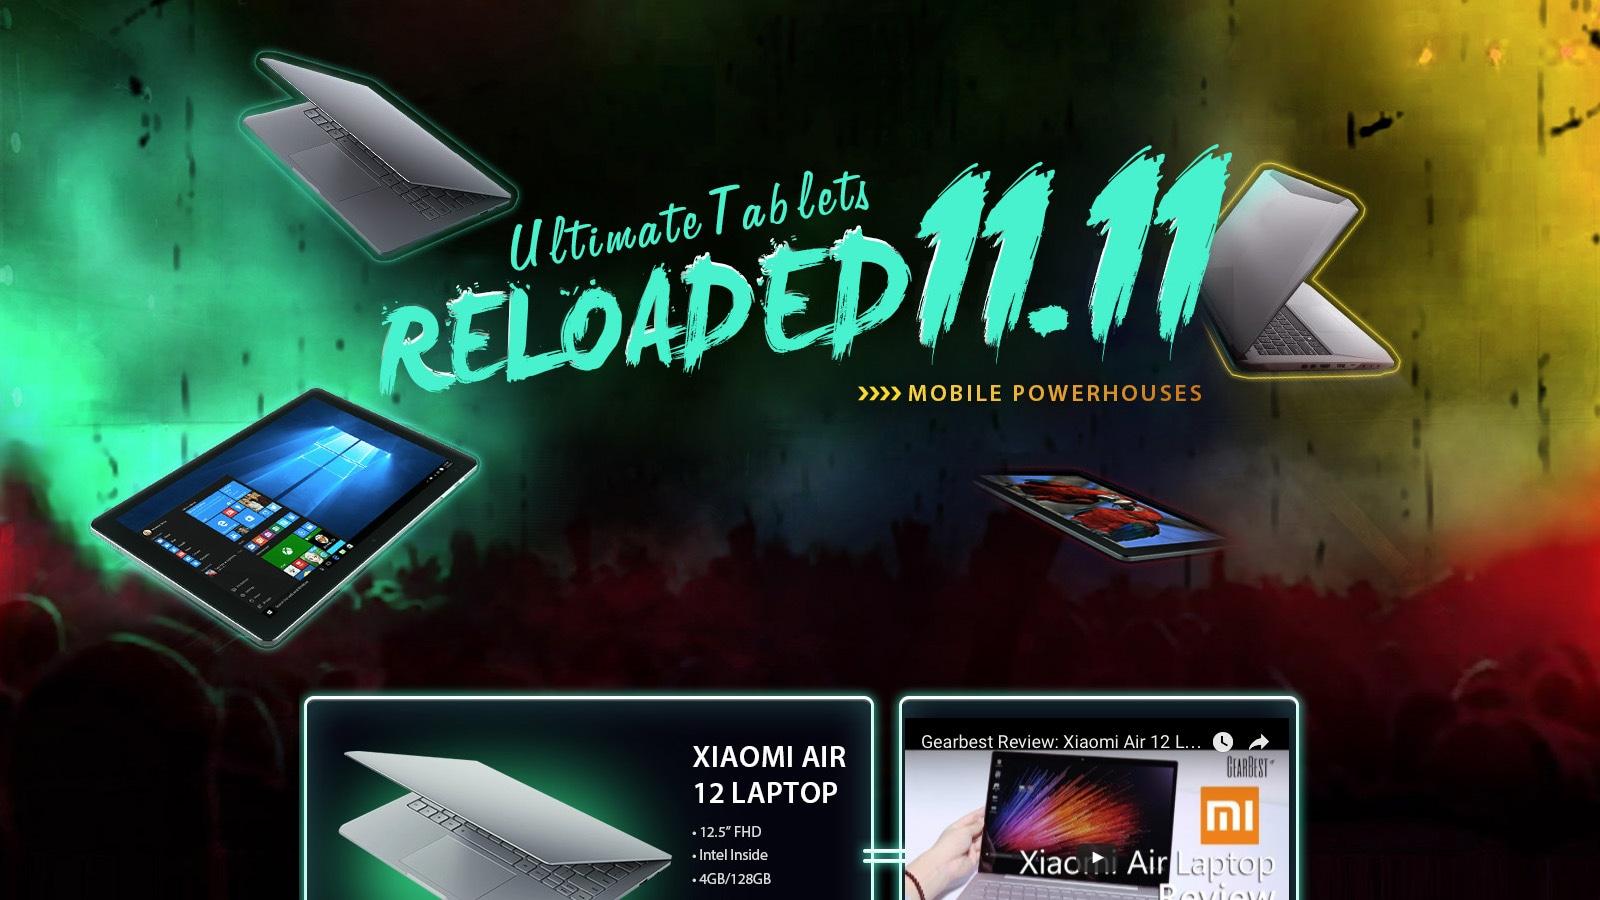 11.11 Sales Storm Reloaded Ultimate Tablets